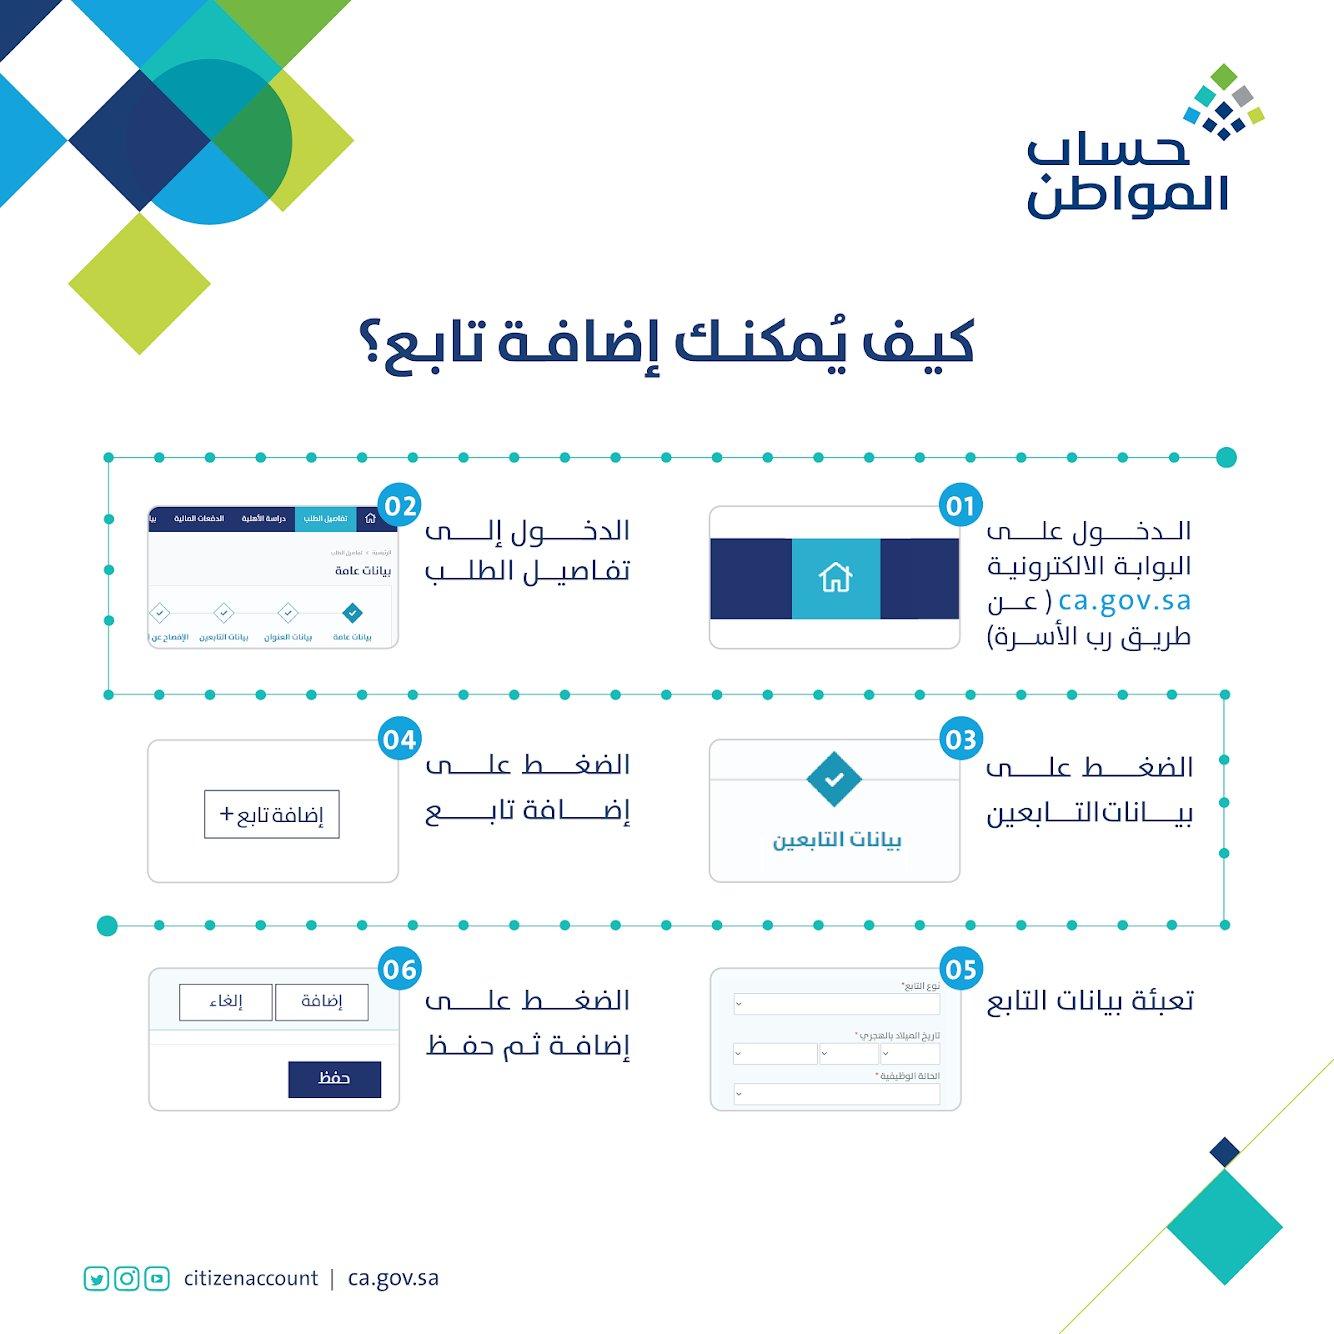 موعد حساب المواطن بالهجري